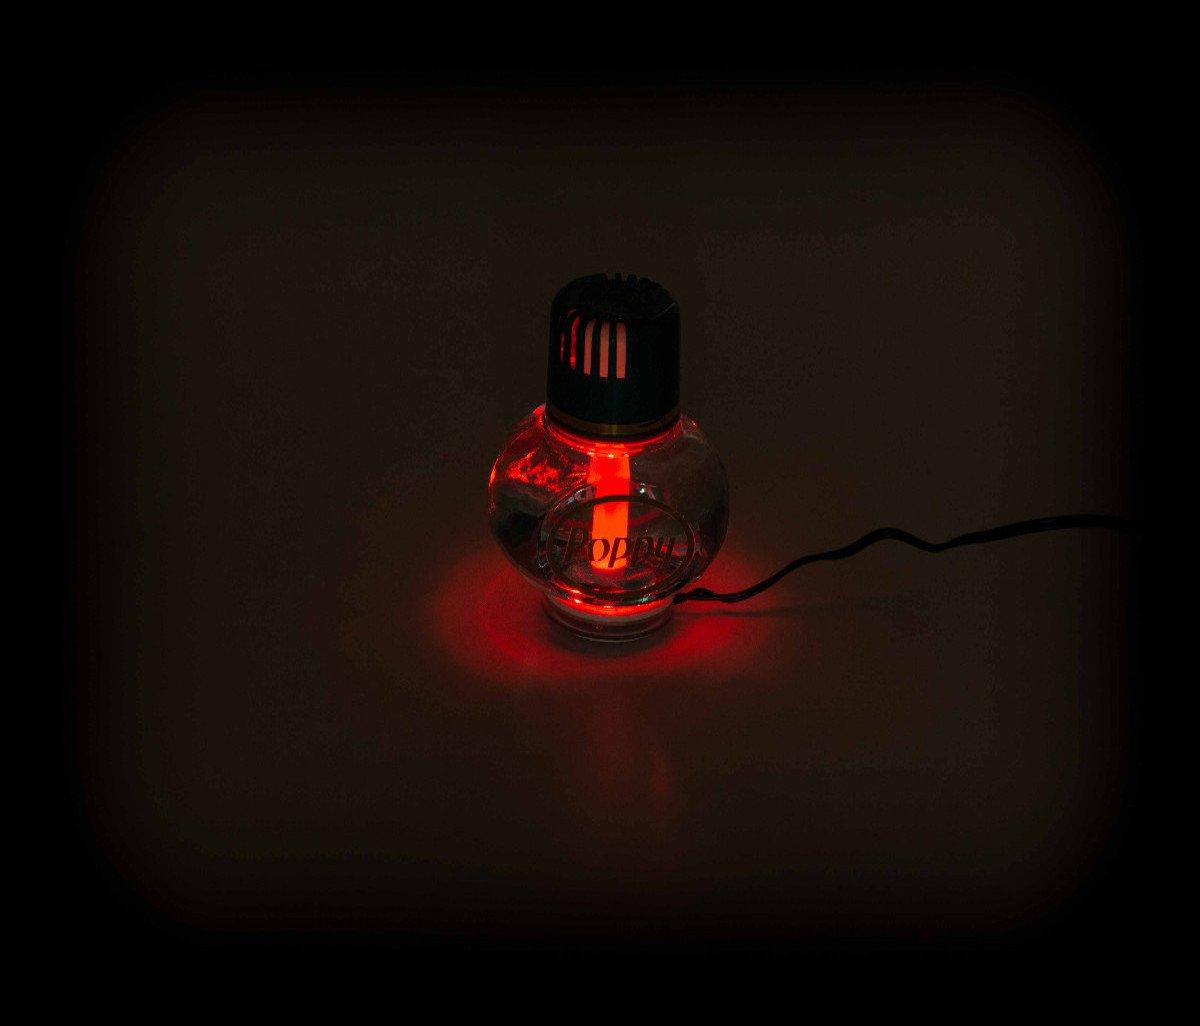 Lufterfrischer Poppy mit LED Beleuchtung 24V in rot oder weiß , Inhalt 150 ml, lieferbar in 5 Duftnoten (Rot Duft Vanille) ALL Ride und Poppy